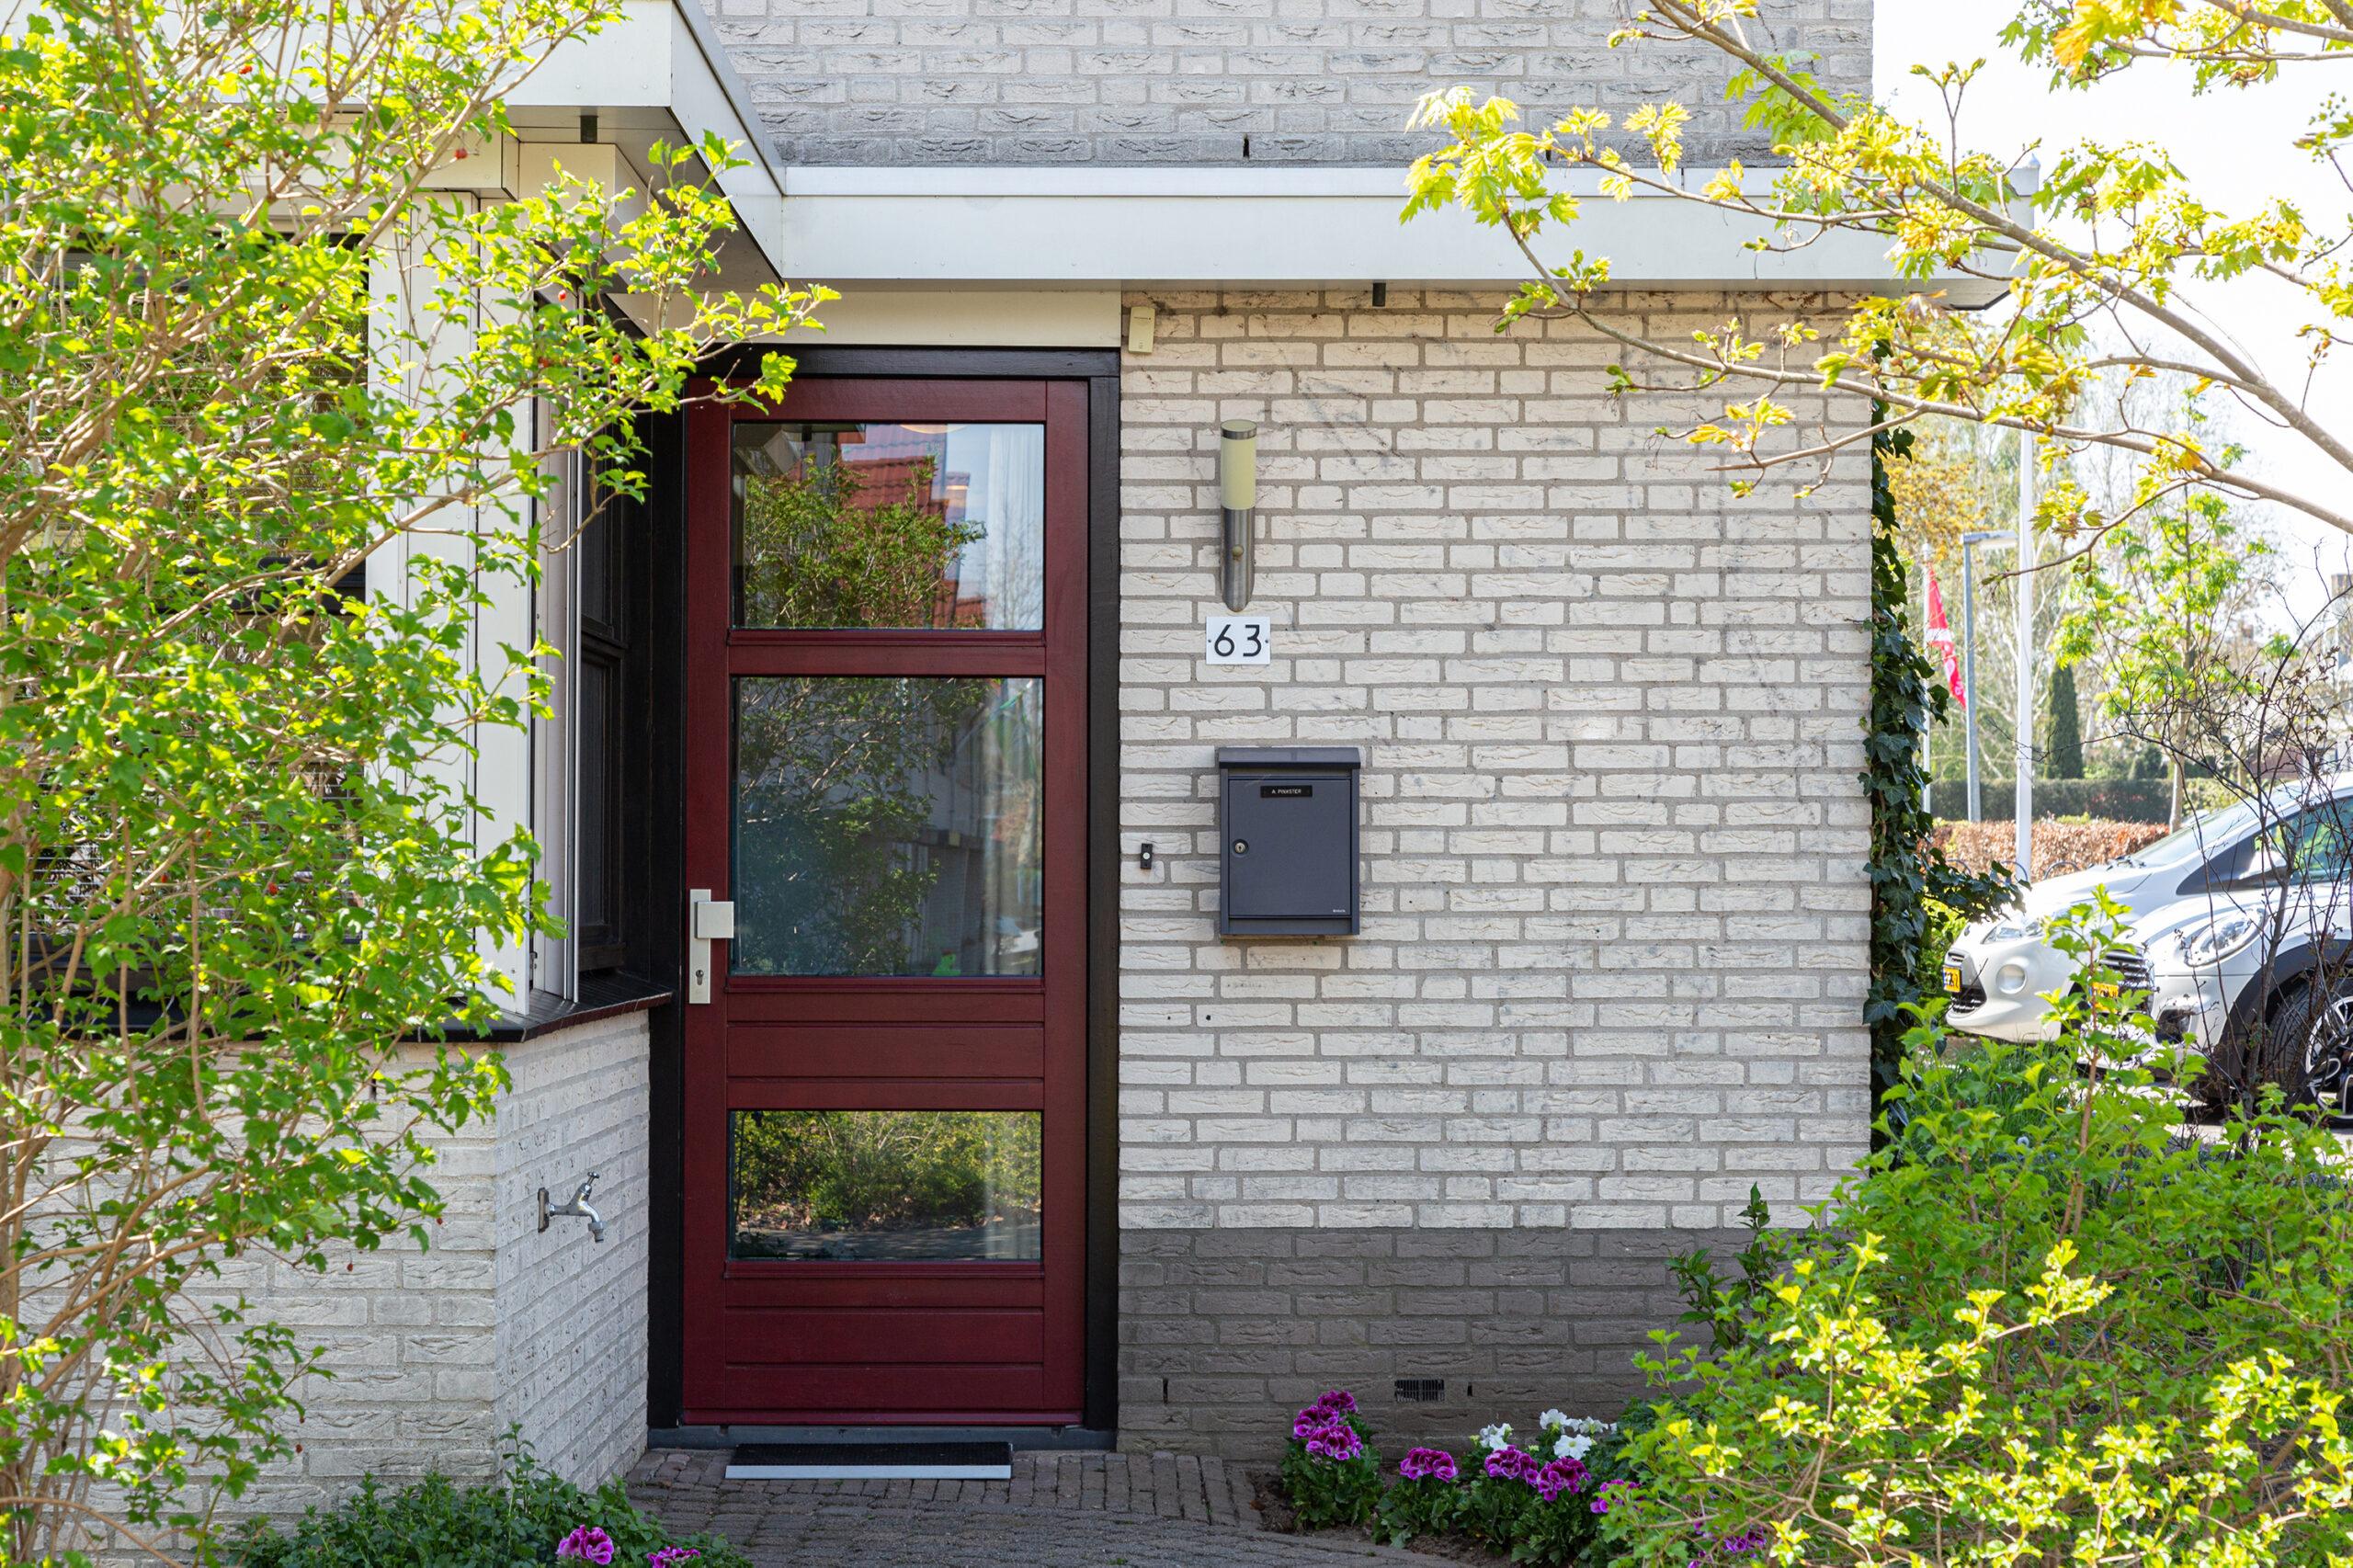 De Boomgaard 63 Zutphen Landheeren (4)